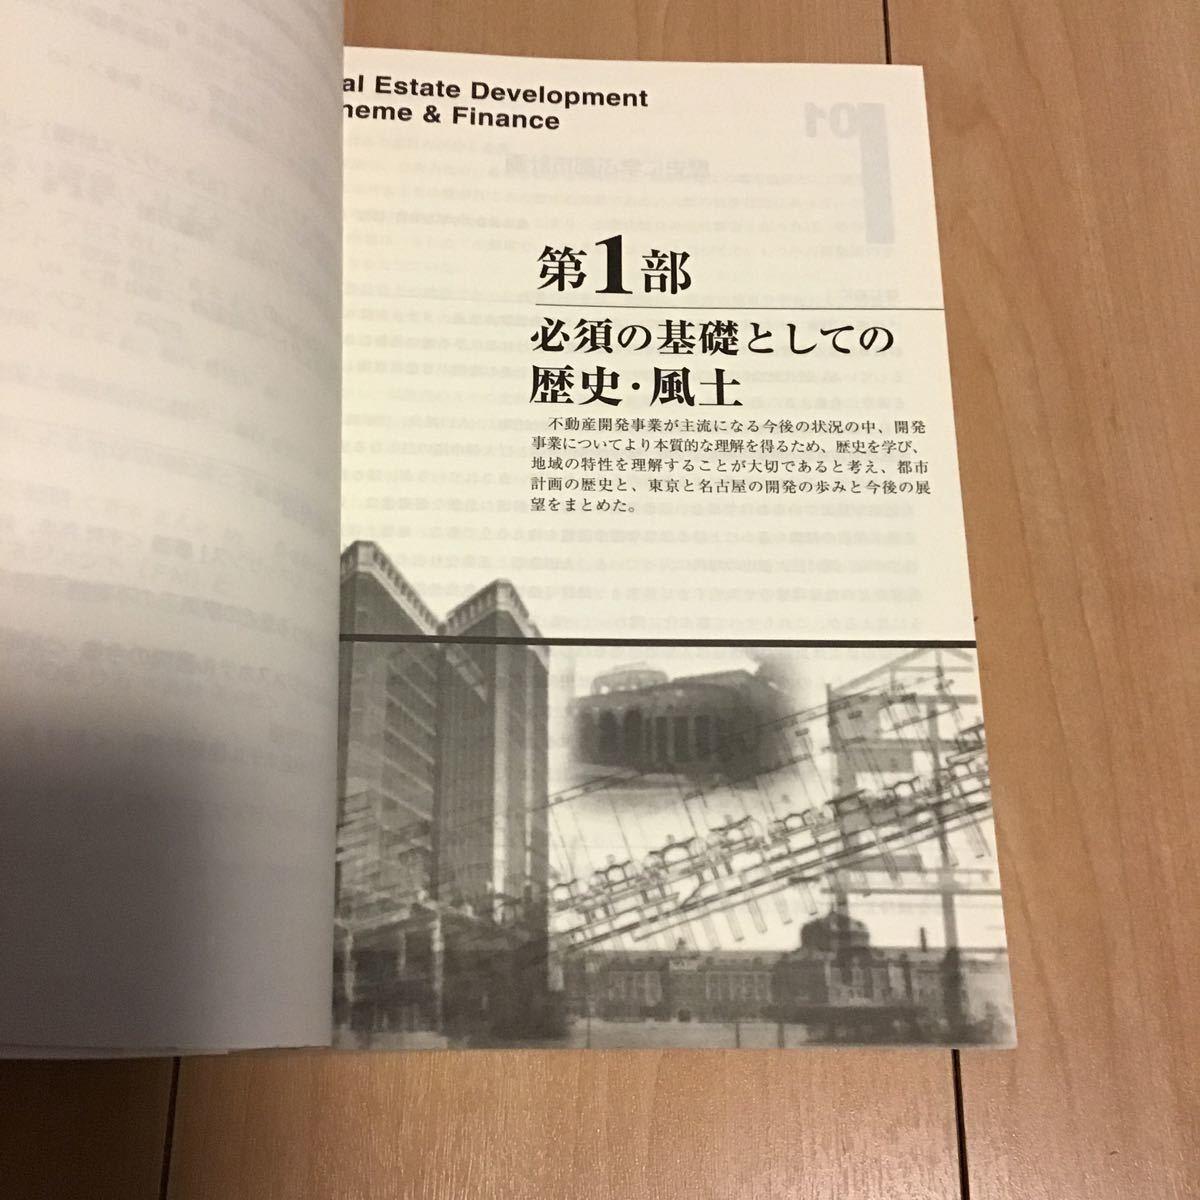 激動! 不動産 不動産開発事業のスキームとファイナンス(2) 清文社 2009年7月 初版発行_画像9